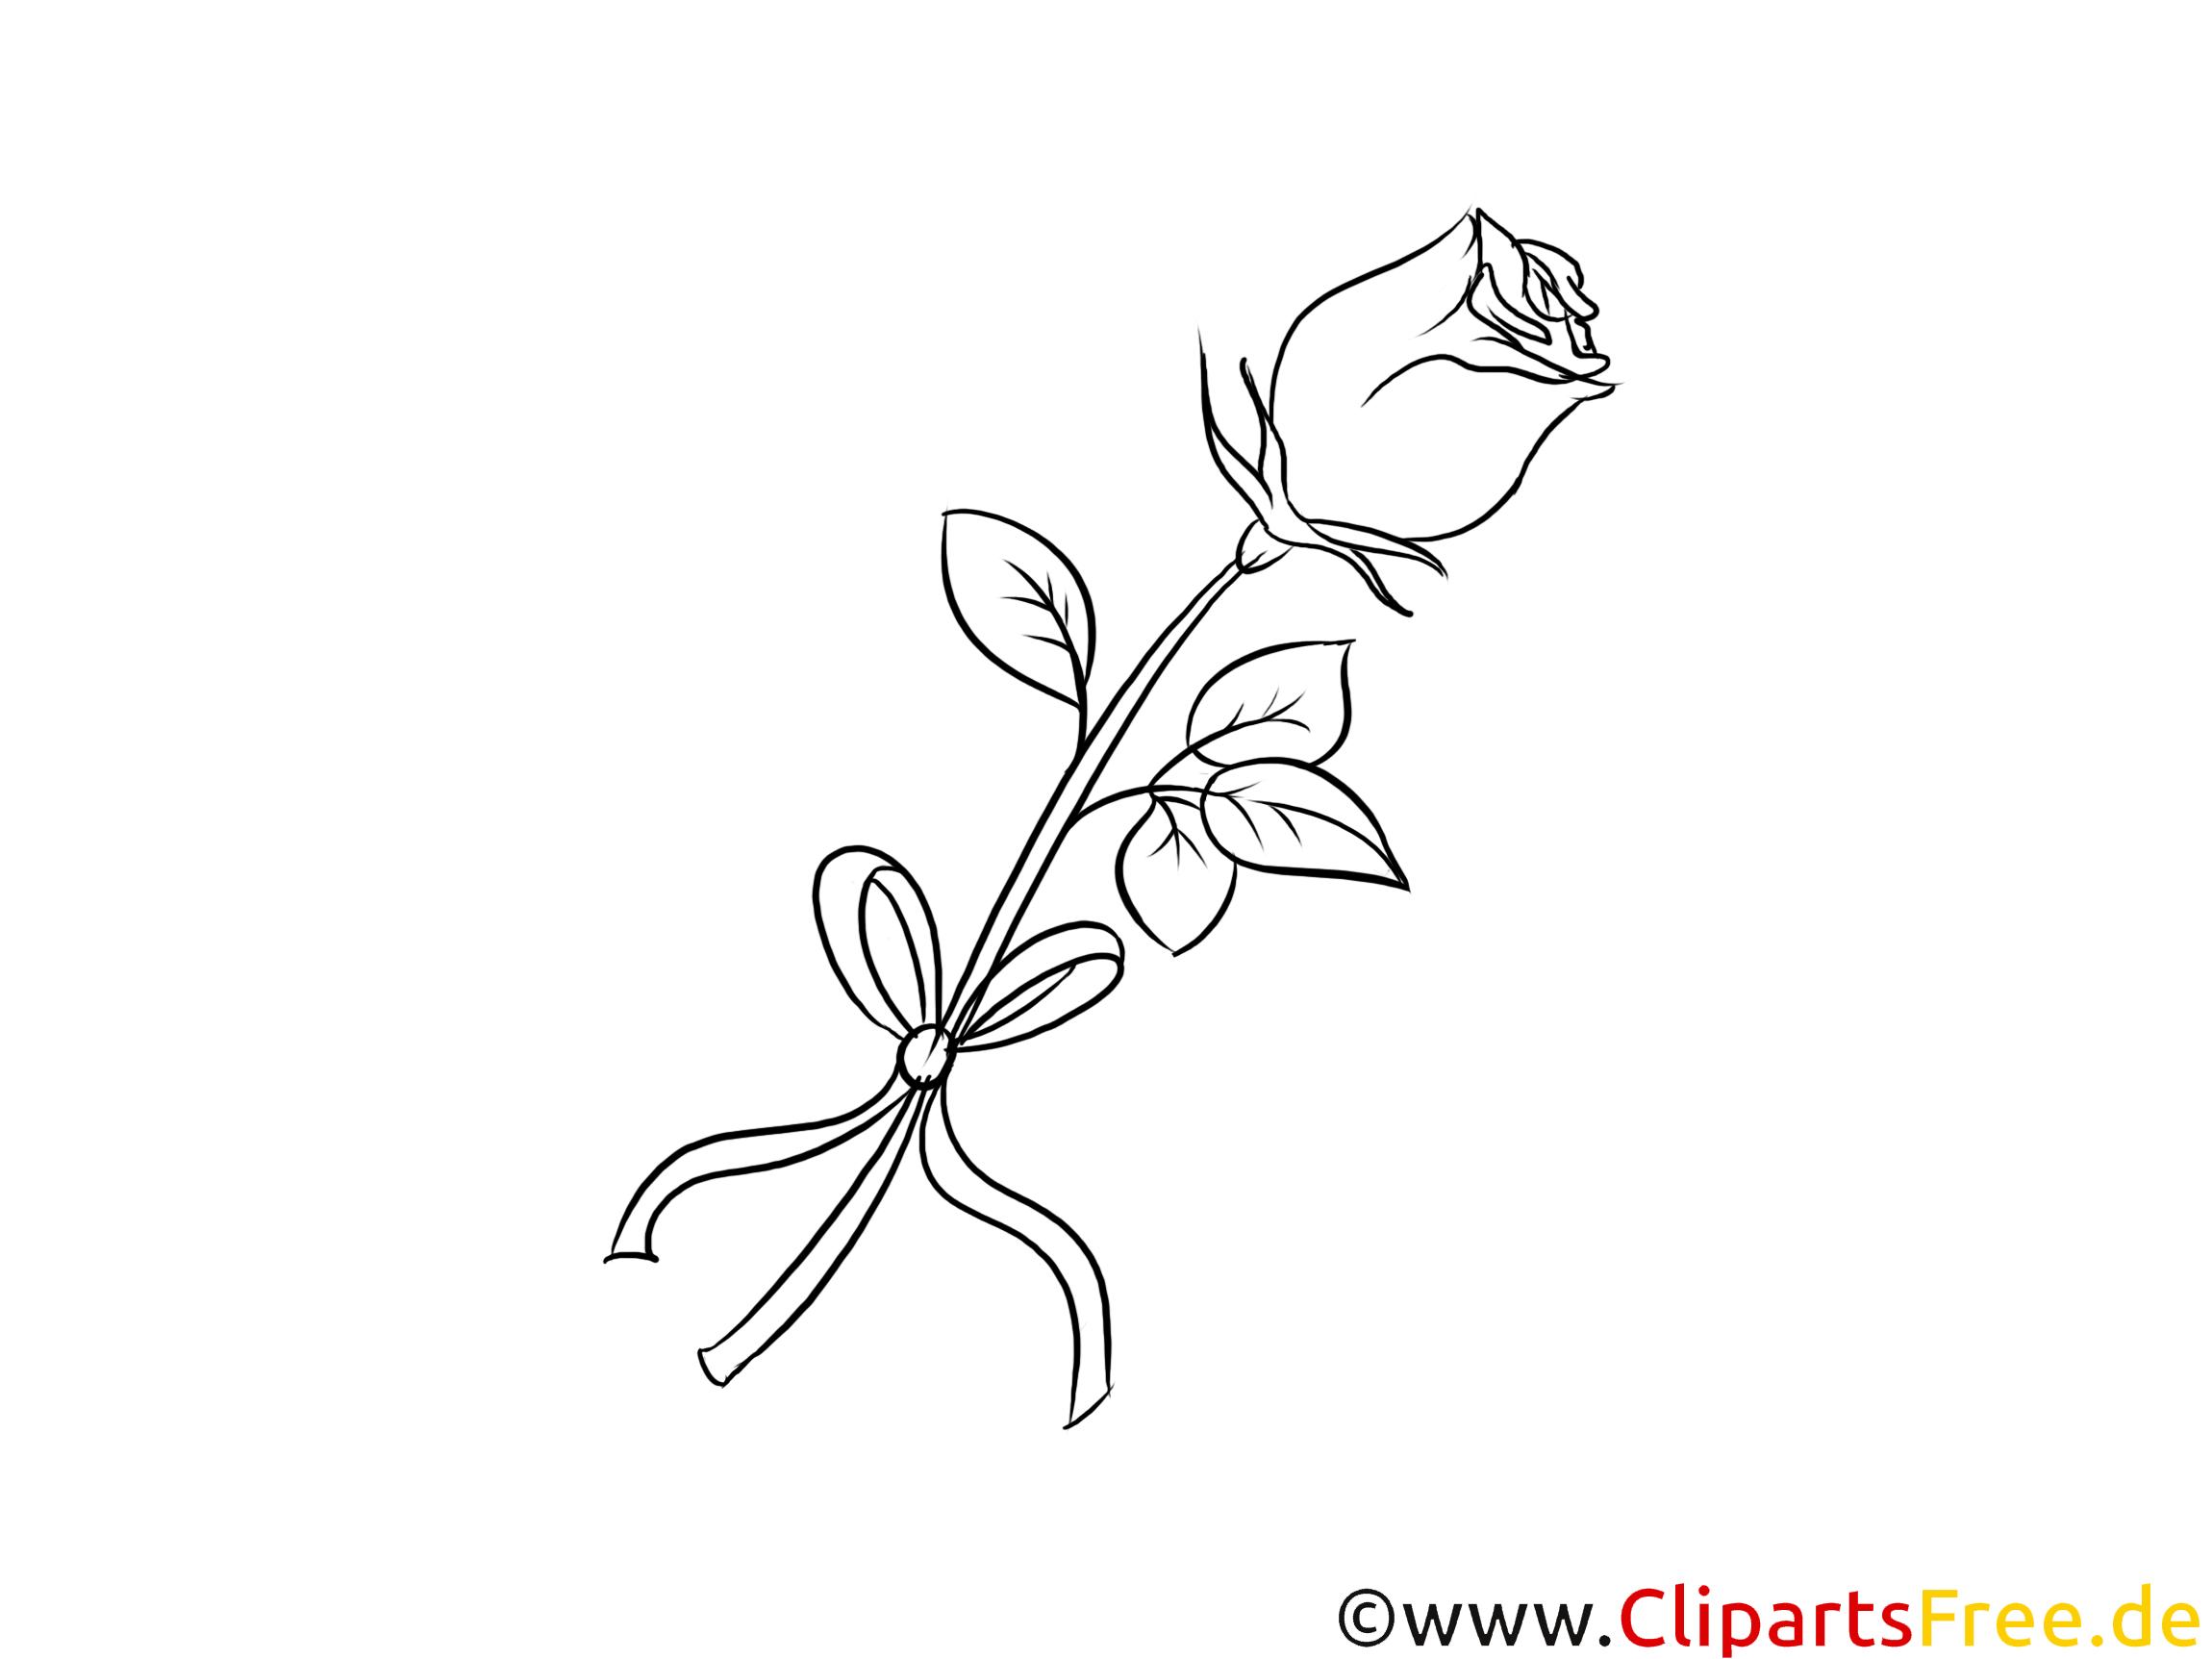 Rose zum Drucken und Ausmalen Clipart, Bild, Grafik